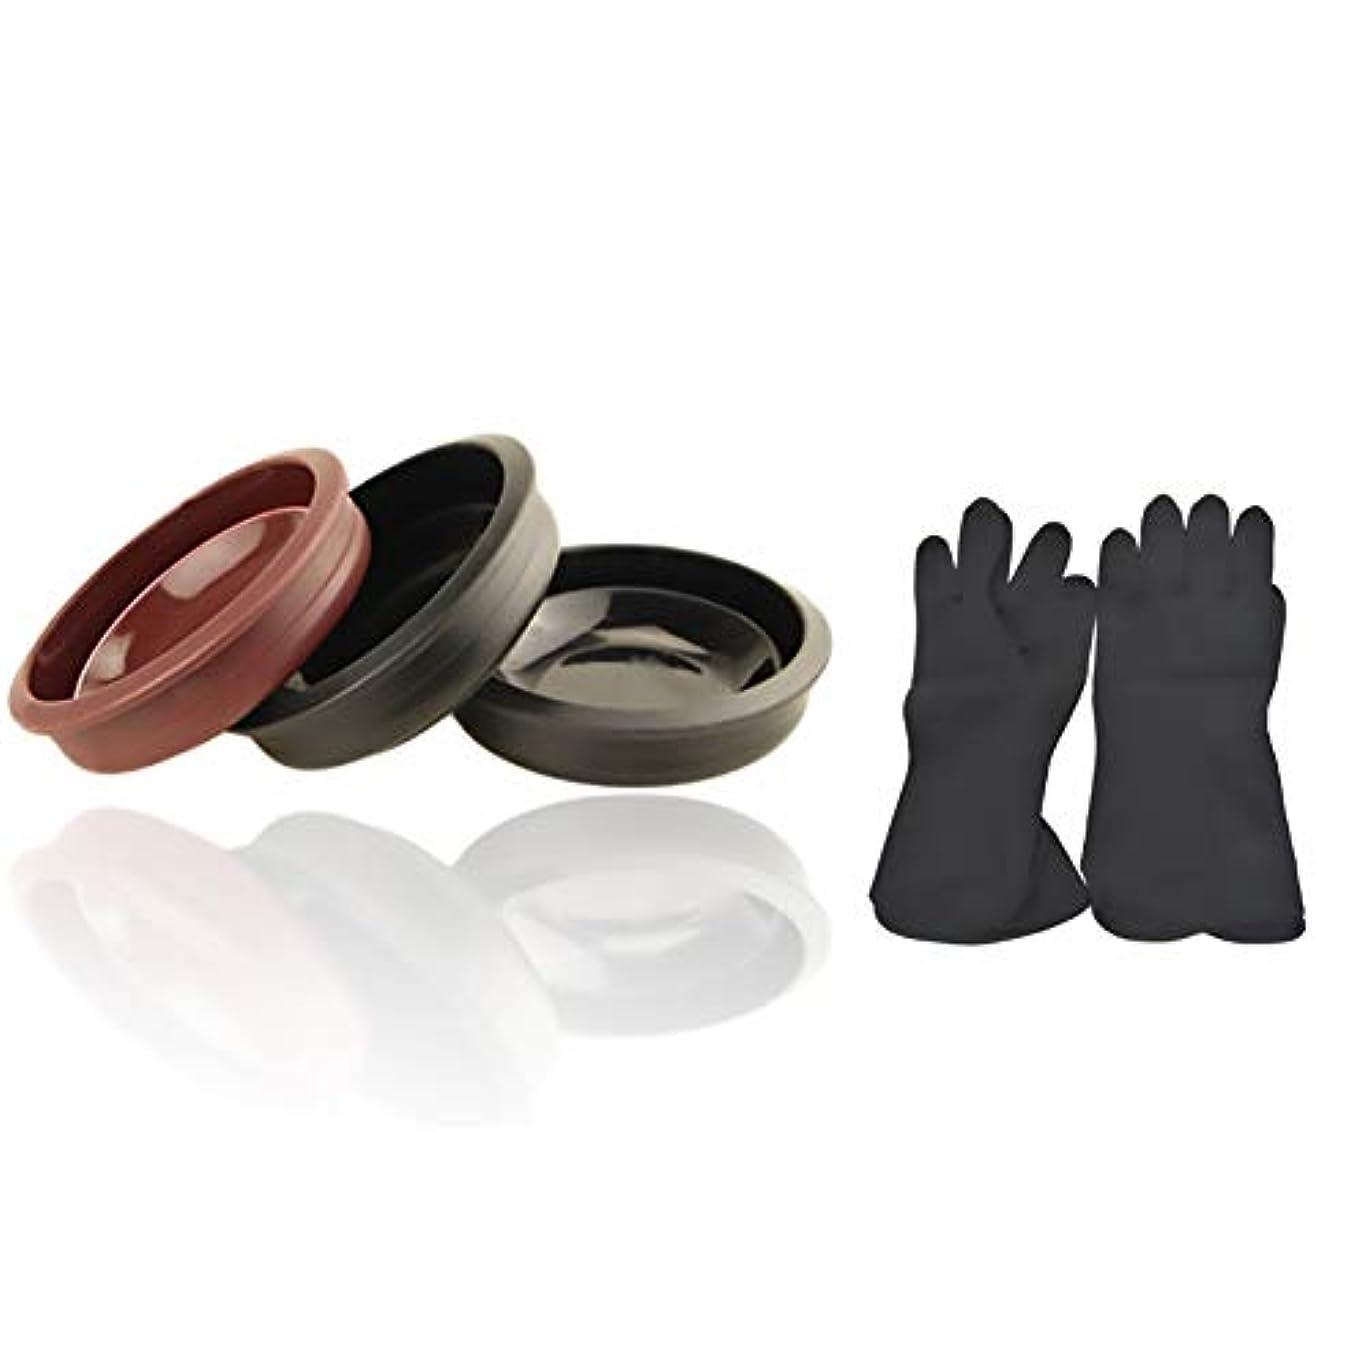 オペレーター肩をすくめるクーポンTofover 3ピースヘアカラーミキシングボウルと20カウントヘアダイ手袋、黒の再利用可能なゴム手袋、ヘアサロンヘア染色のためのプロのヘアカラーツールキット